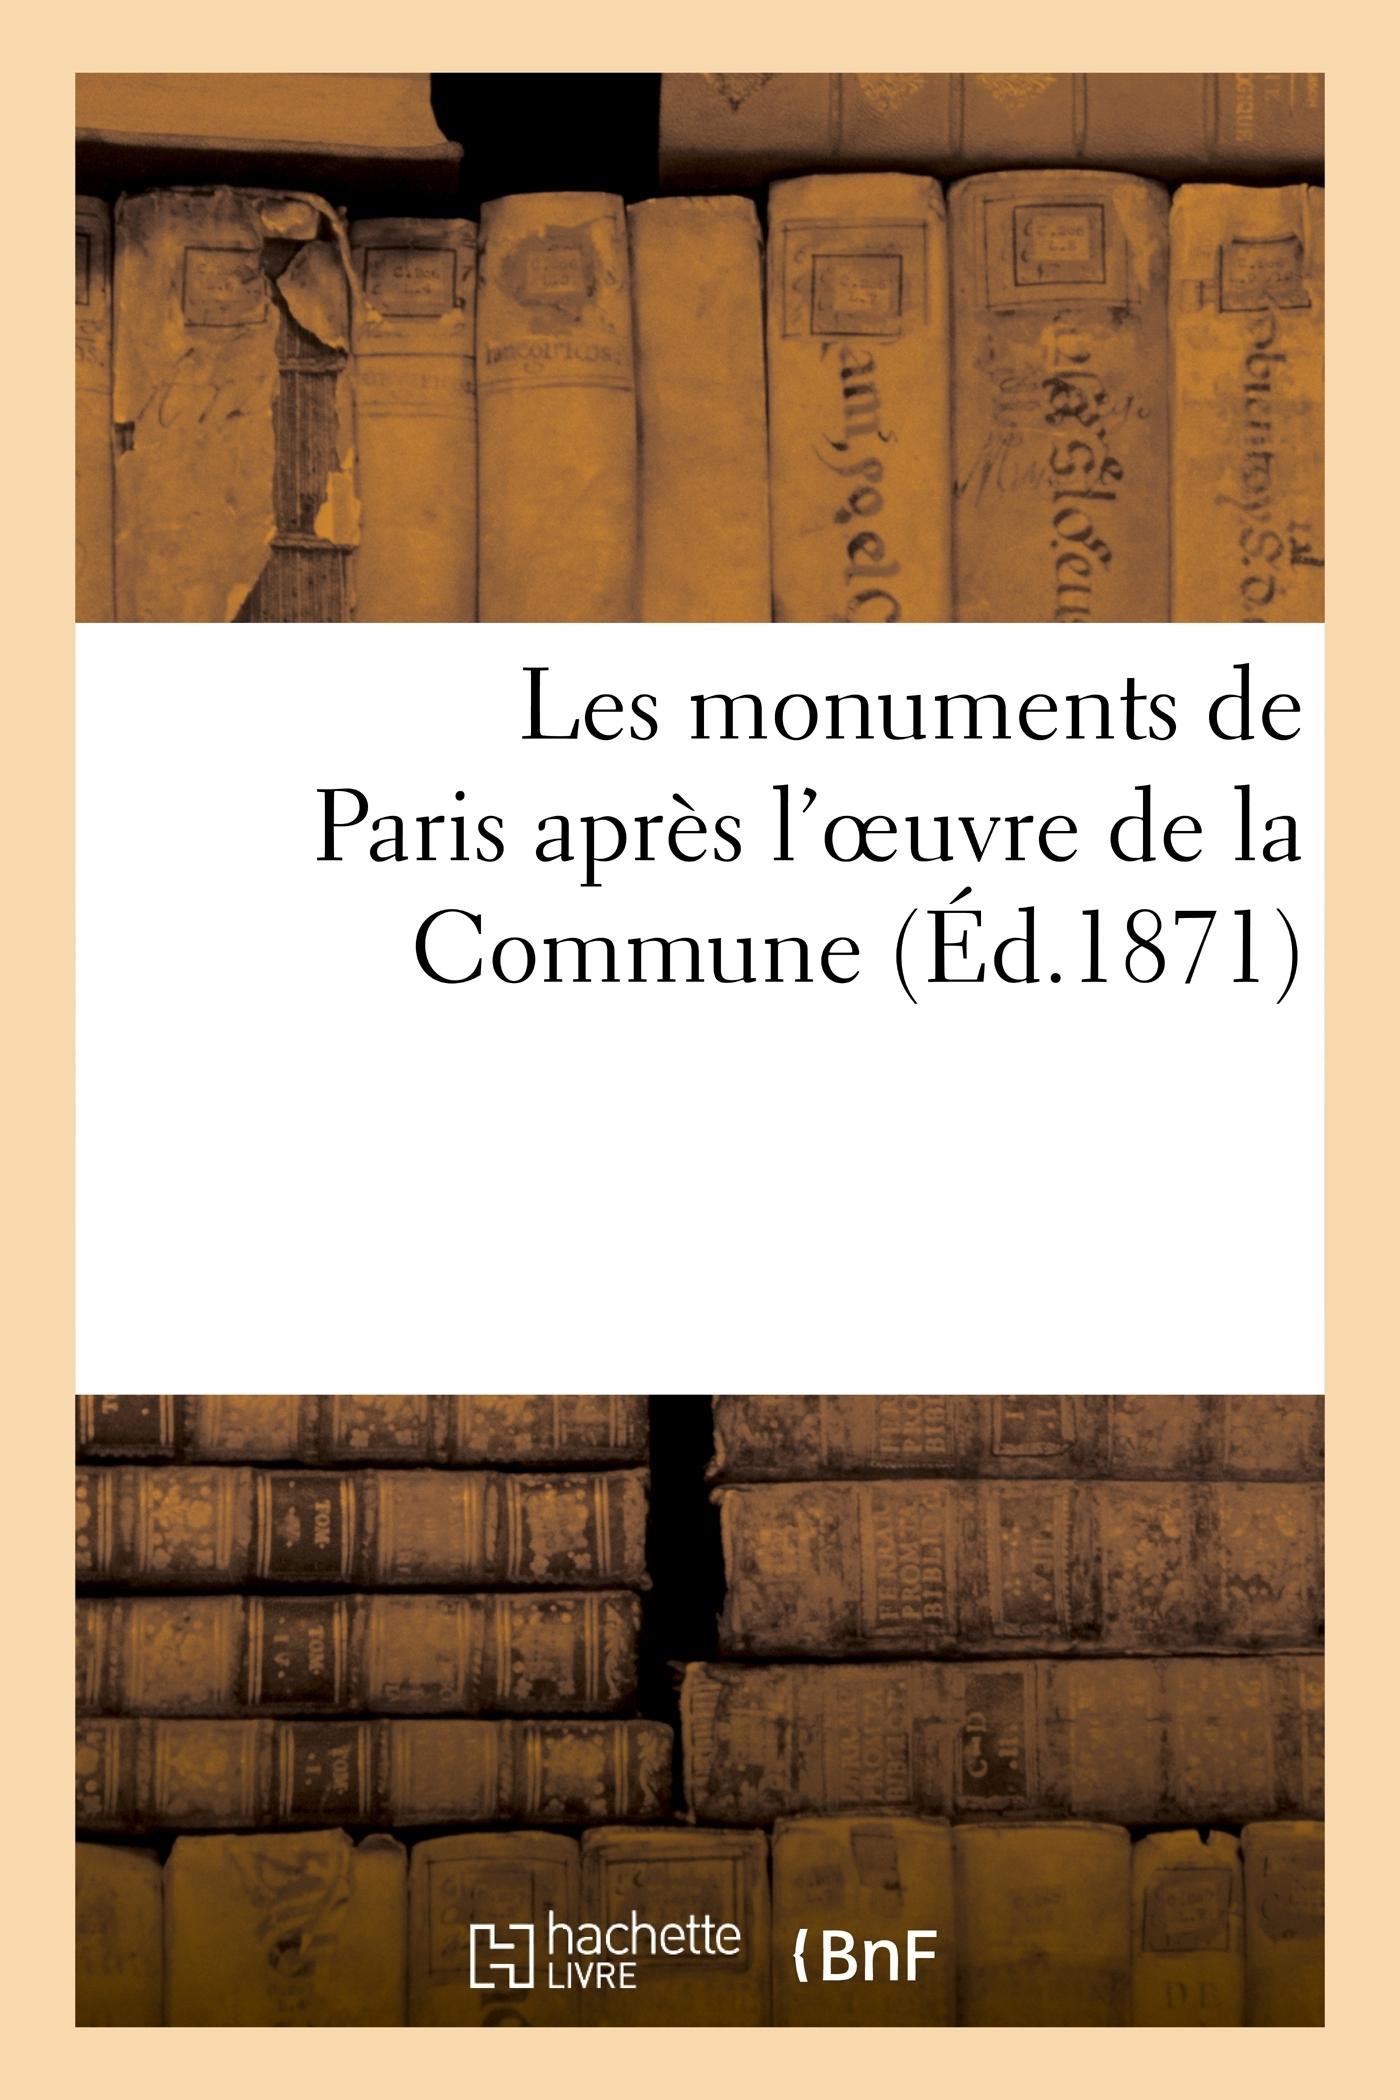 LES MONUMENTS DE PARIS APRES L'OEUVRE DE LA COMMUNE